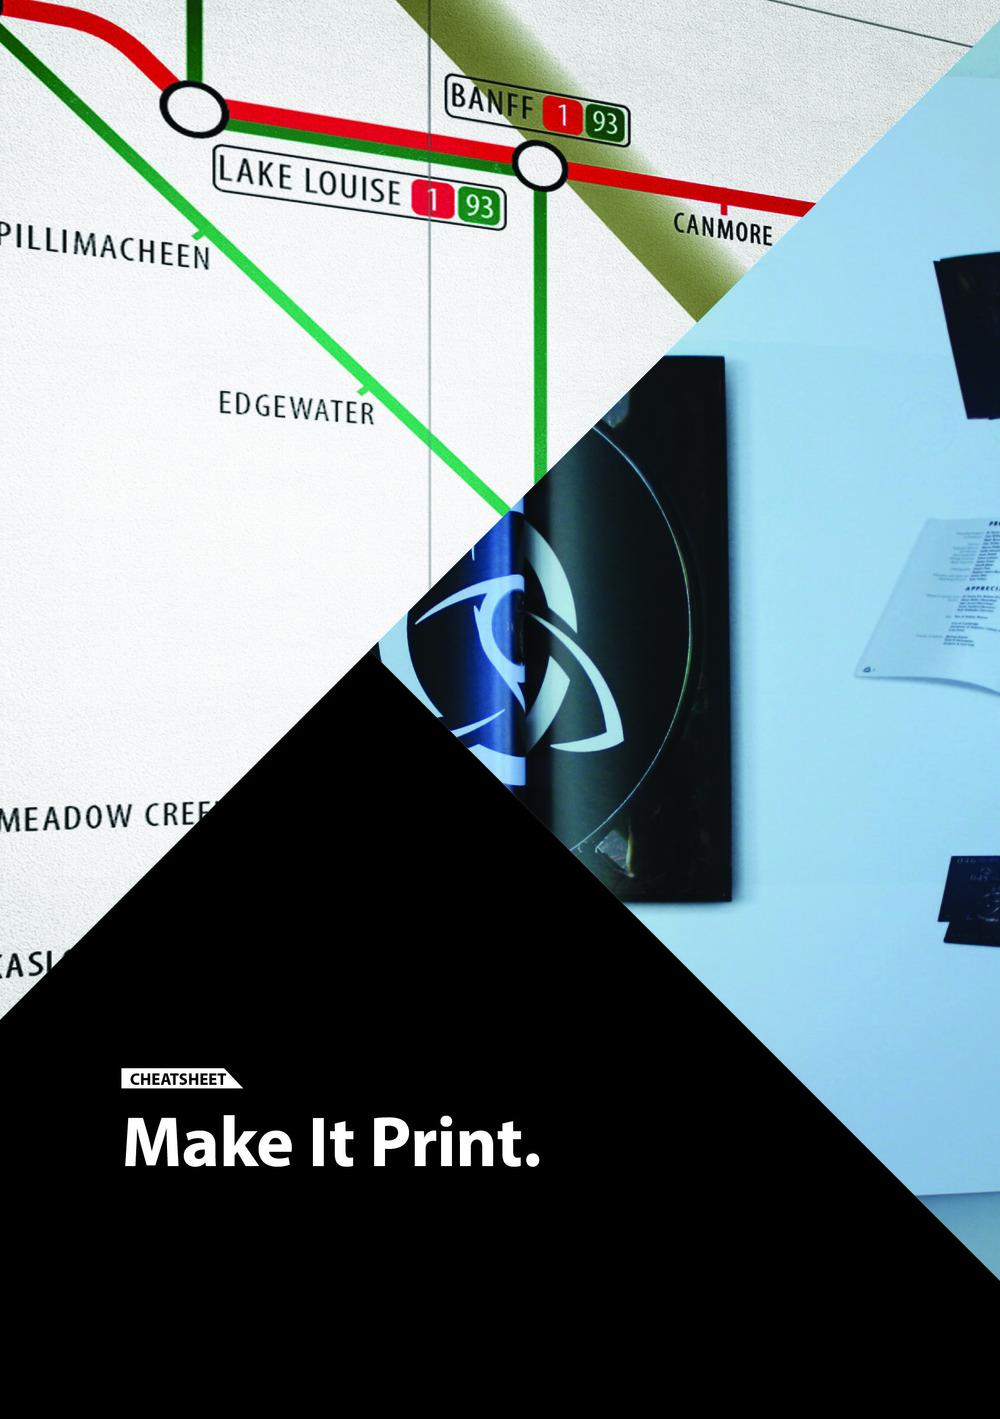 Make it Print